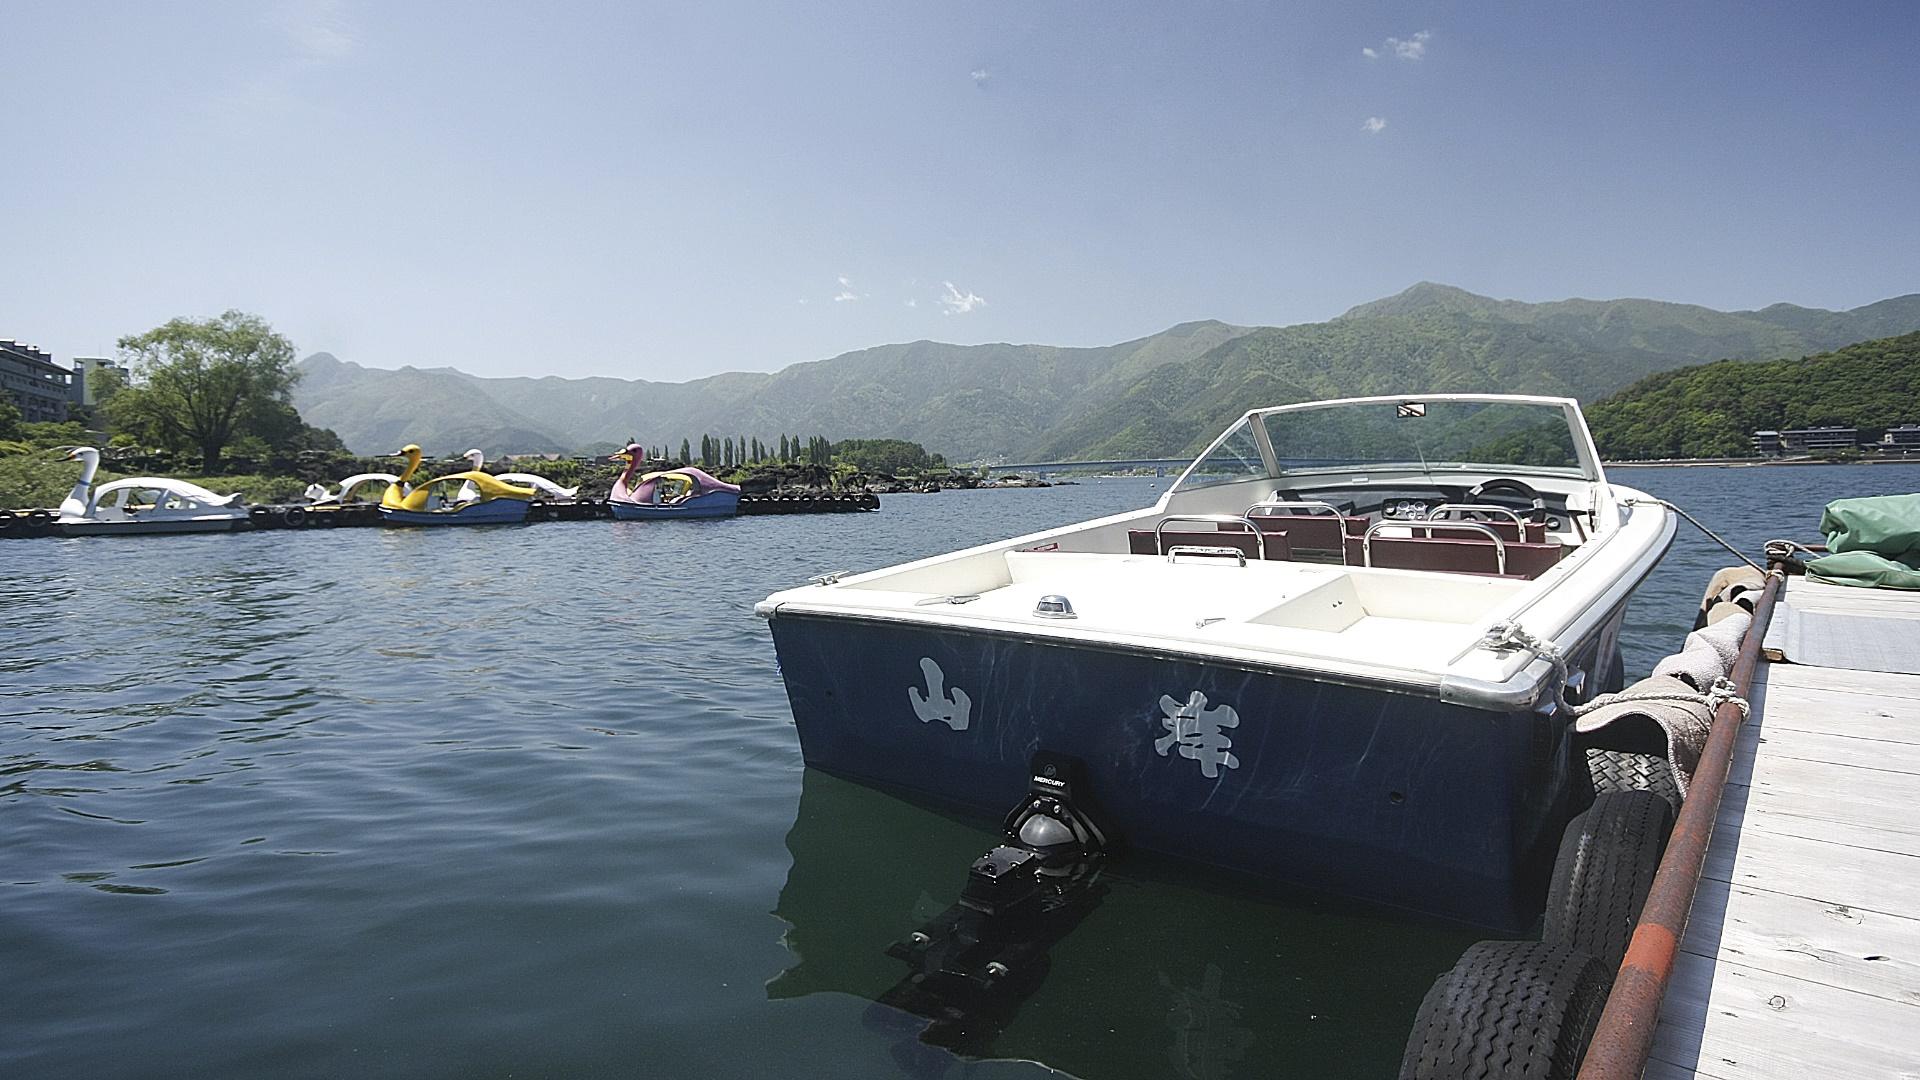 boat in lake  wallpaper